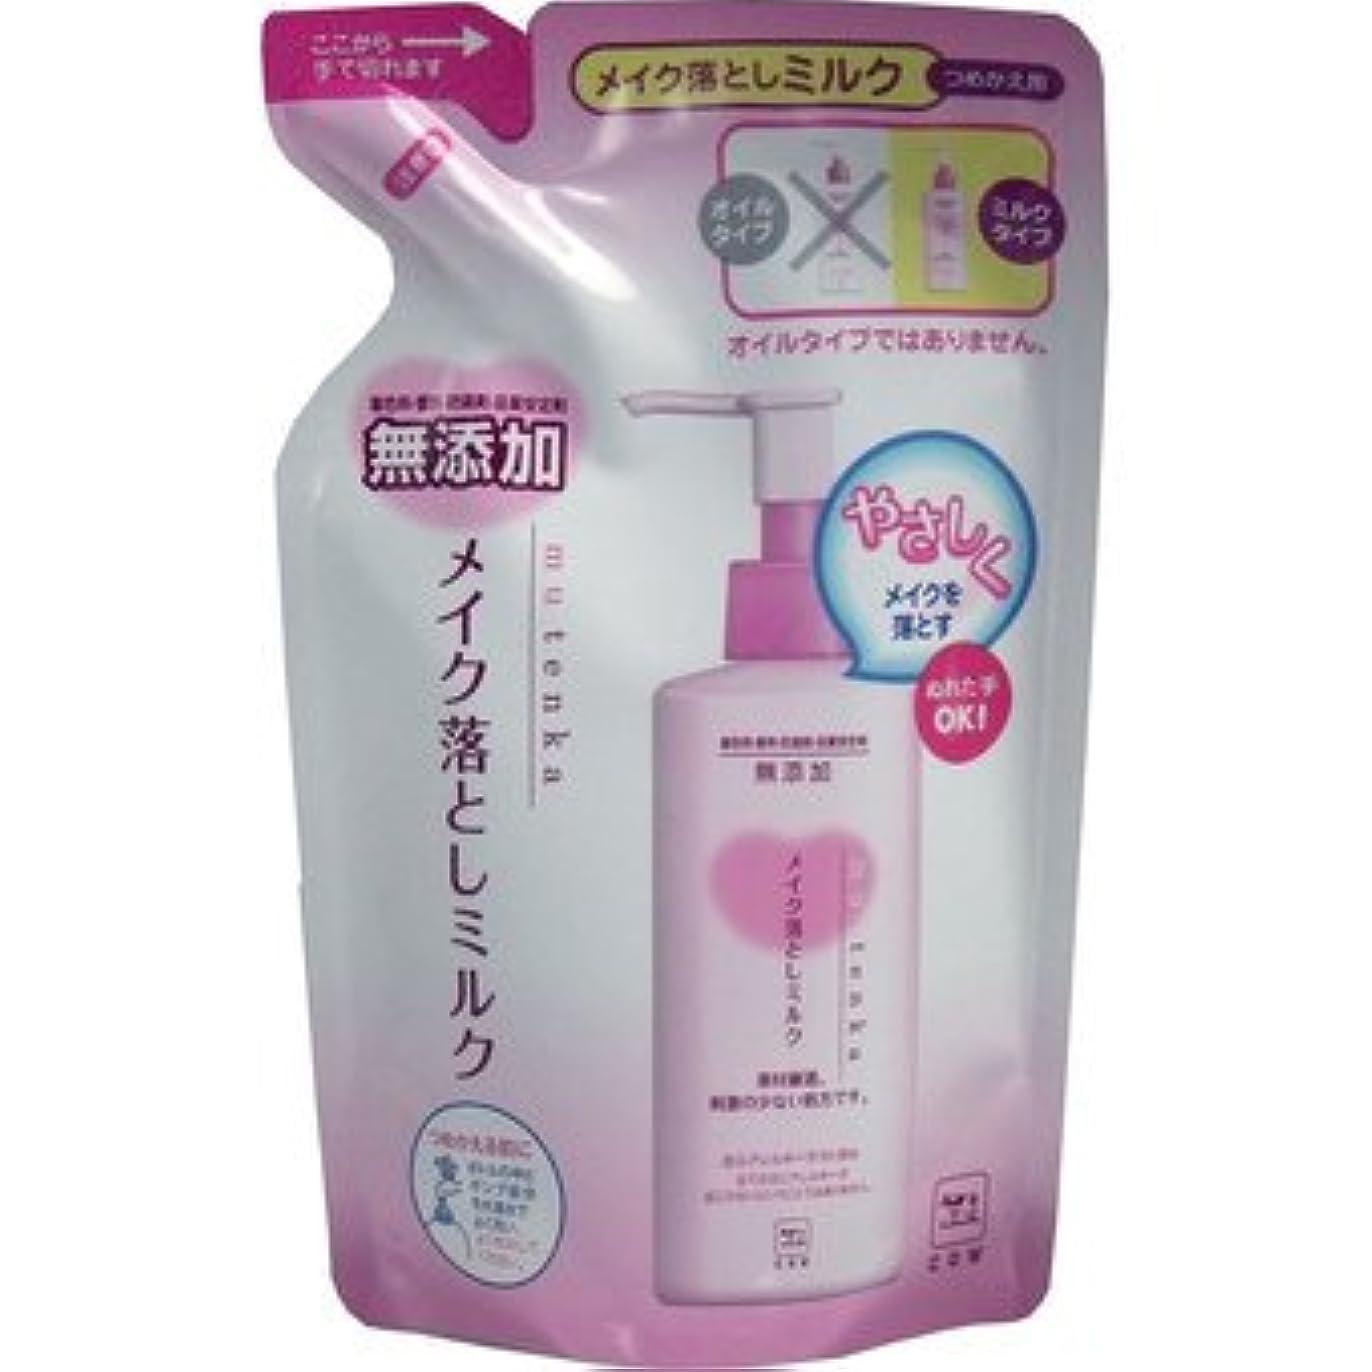 クラック紫のキルト牛乳石鹸共進社 カウブランド 無添加 メイク落としミルク つめかえ用 130ml×24個セット